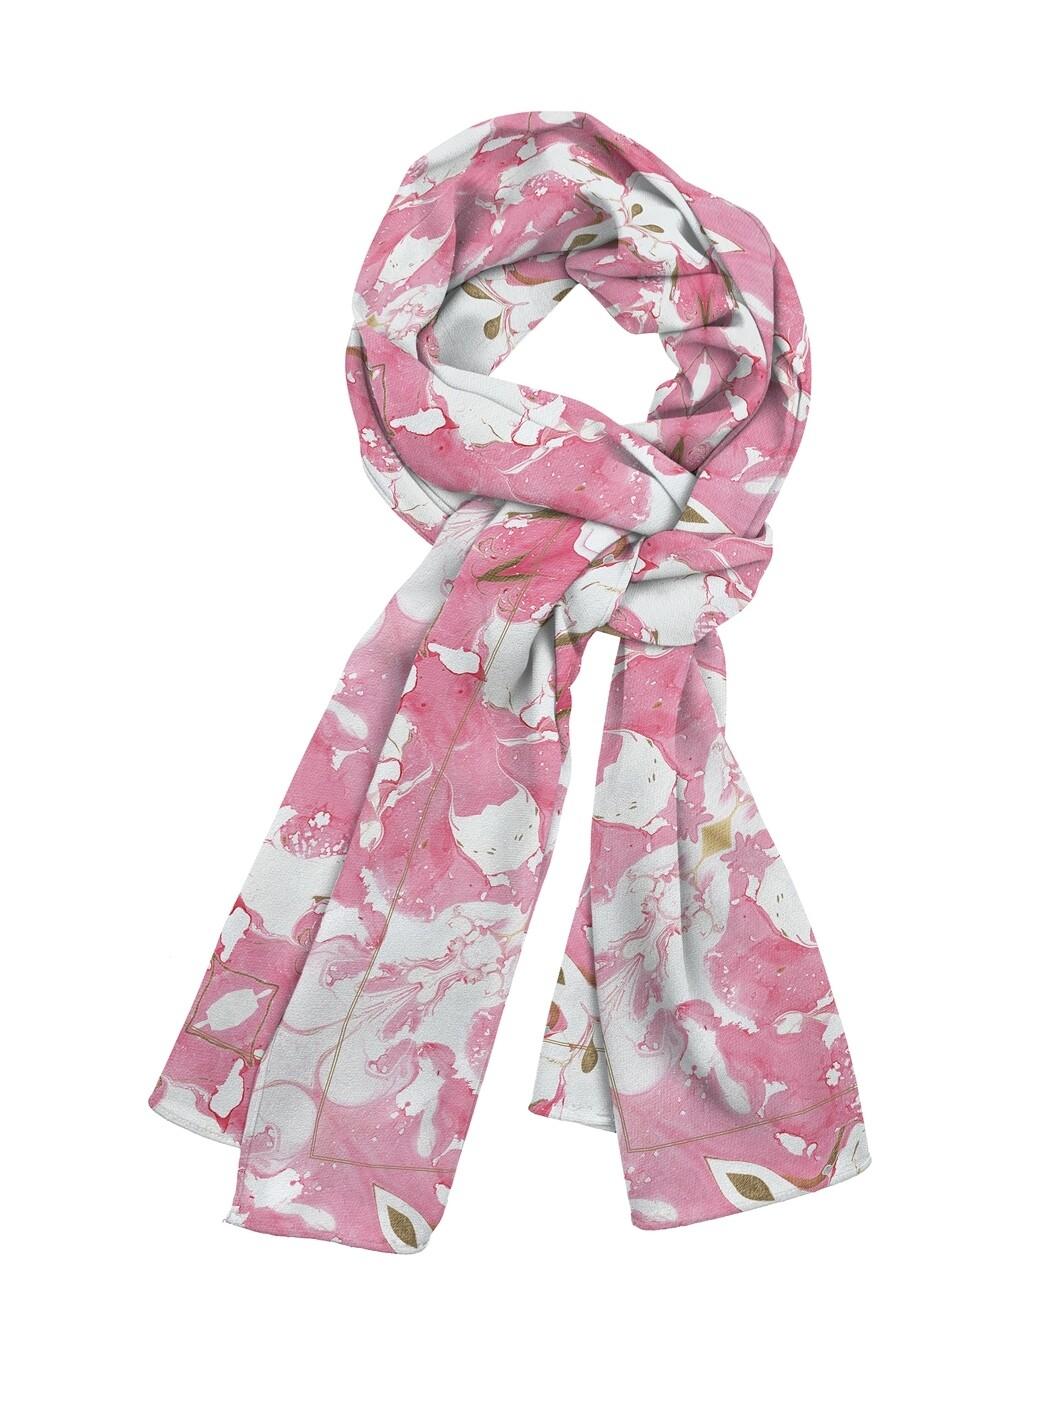 Платок шейный Розовый узор мелкий